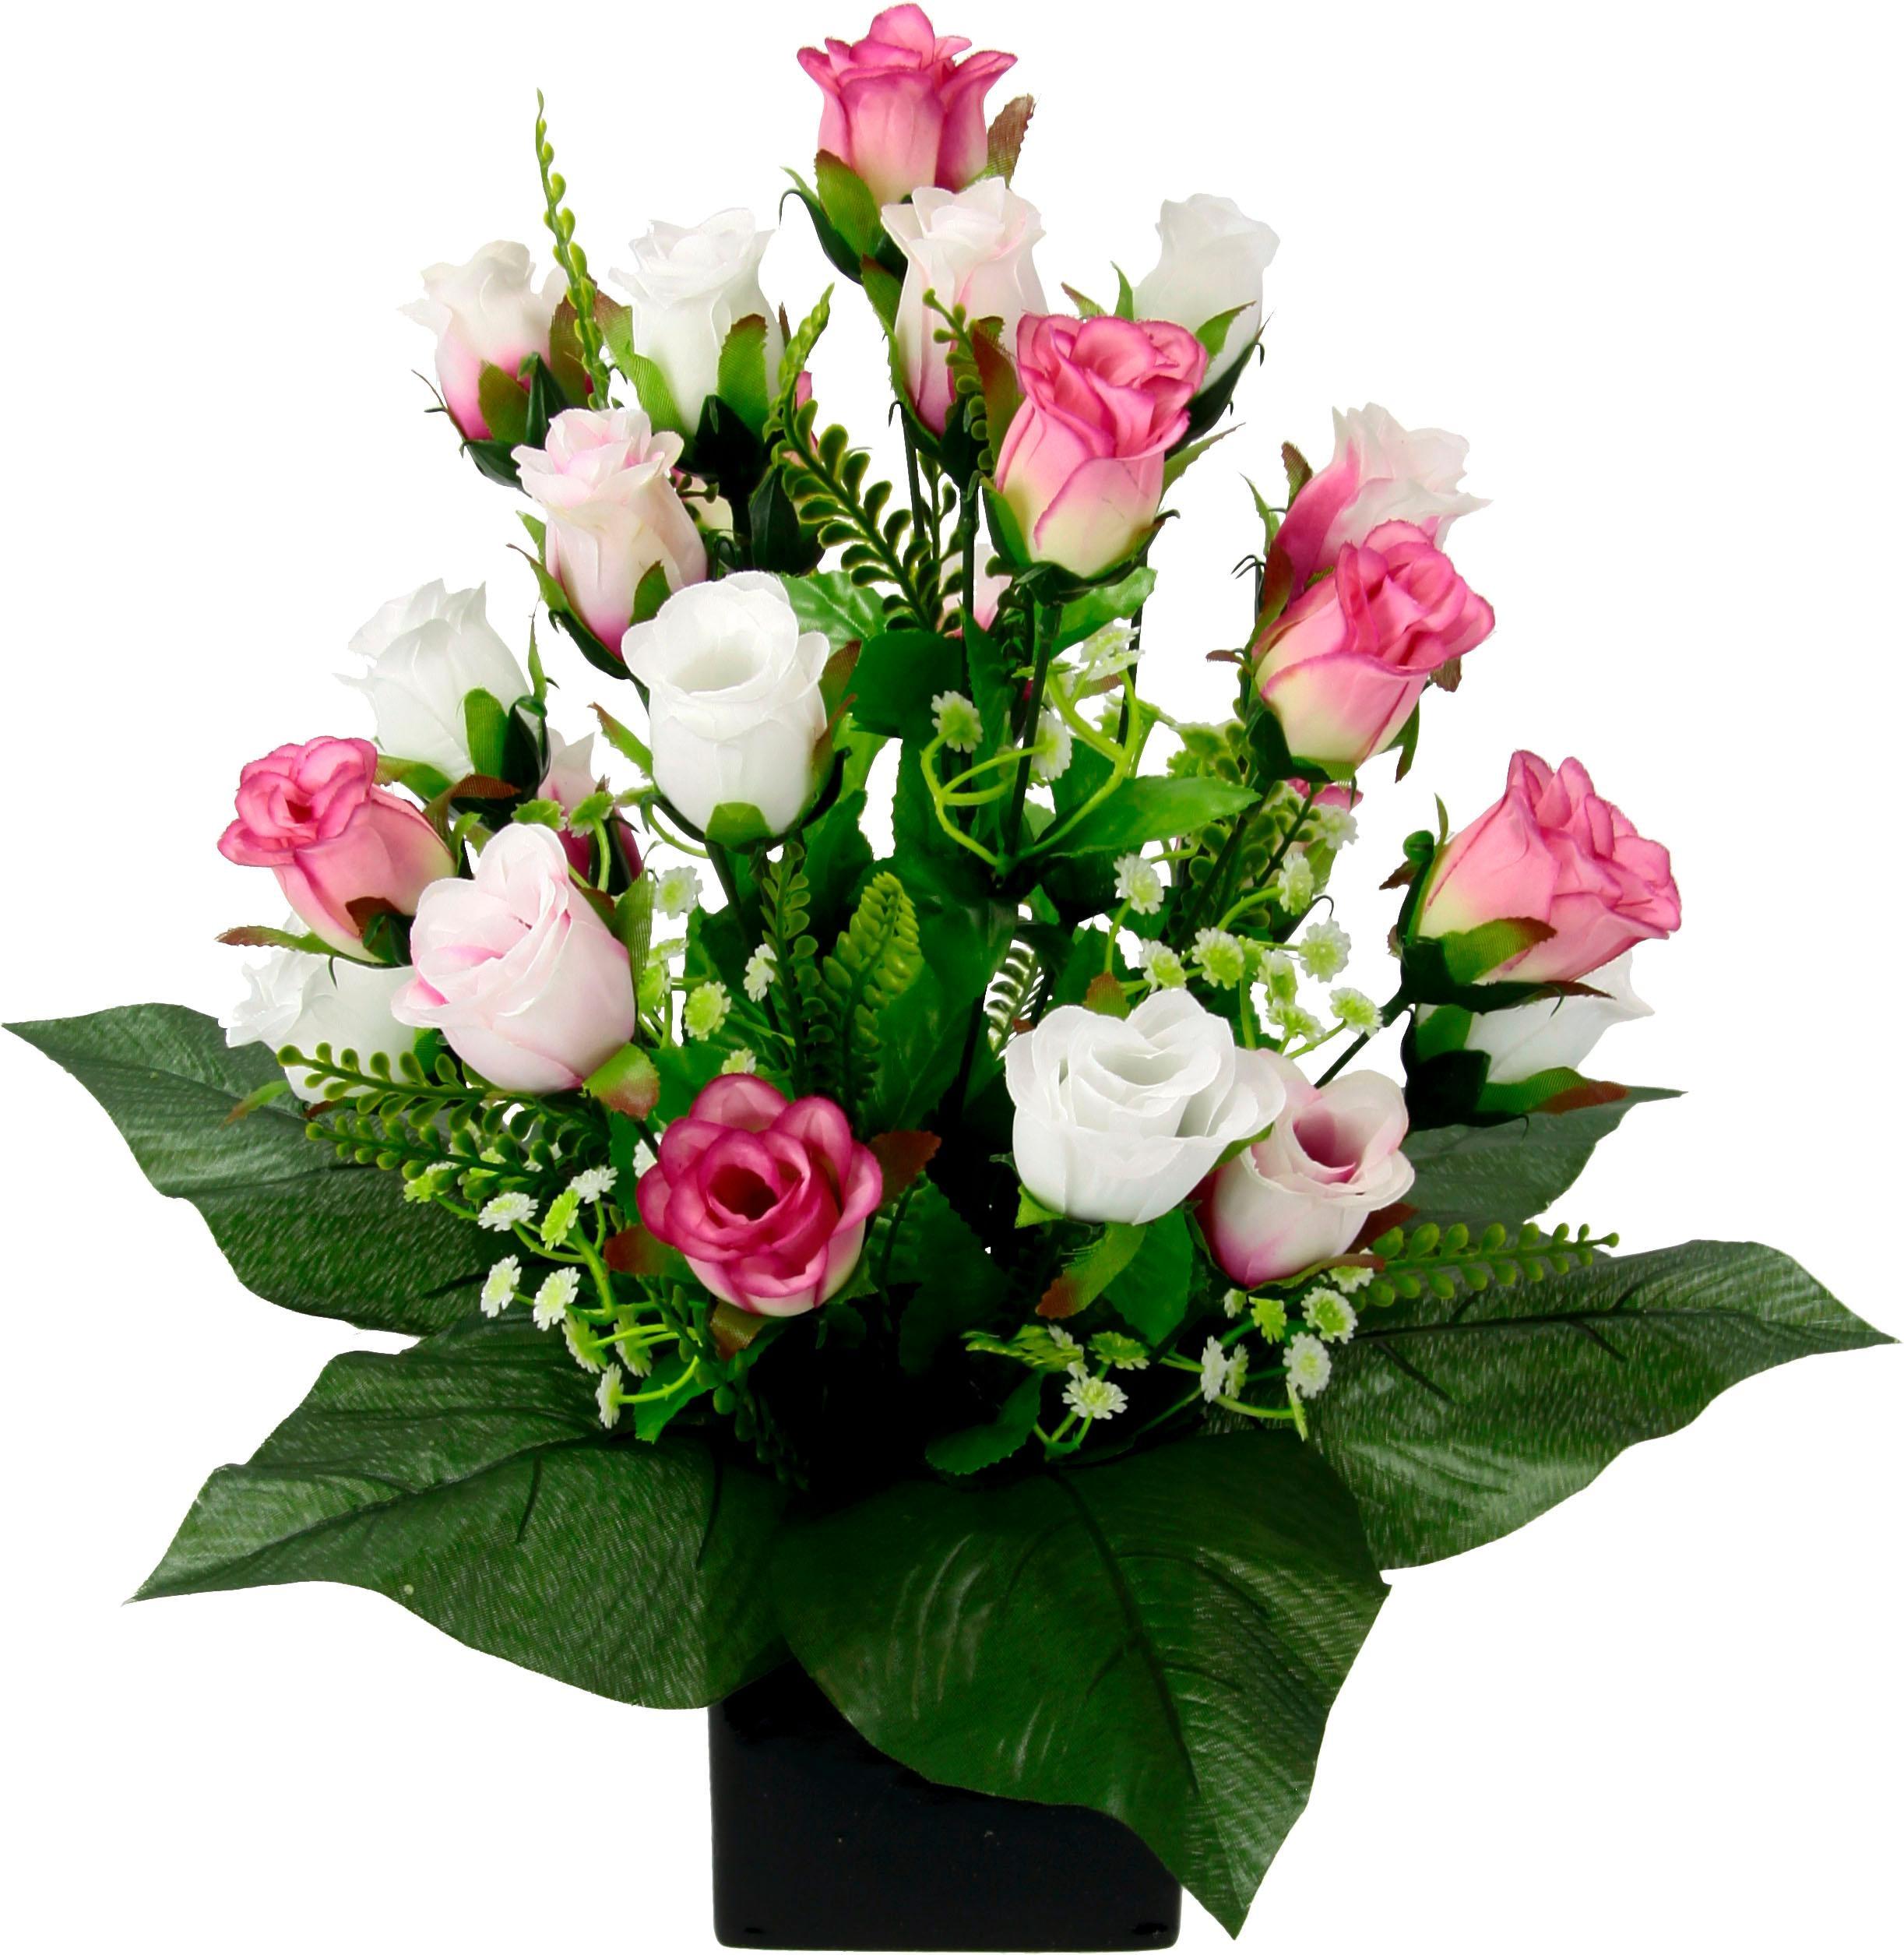 I.GE.A. Kunstpflanze, im Topf rosa Künstliche Zimmerpflanzen Kunstpflanzen Wohnaccessoires Kunstpflanze